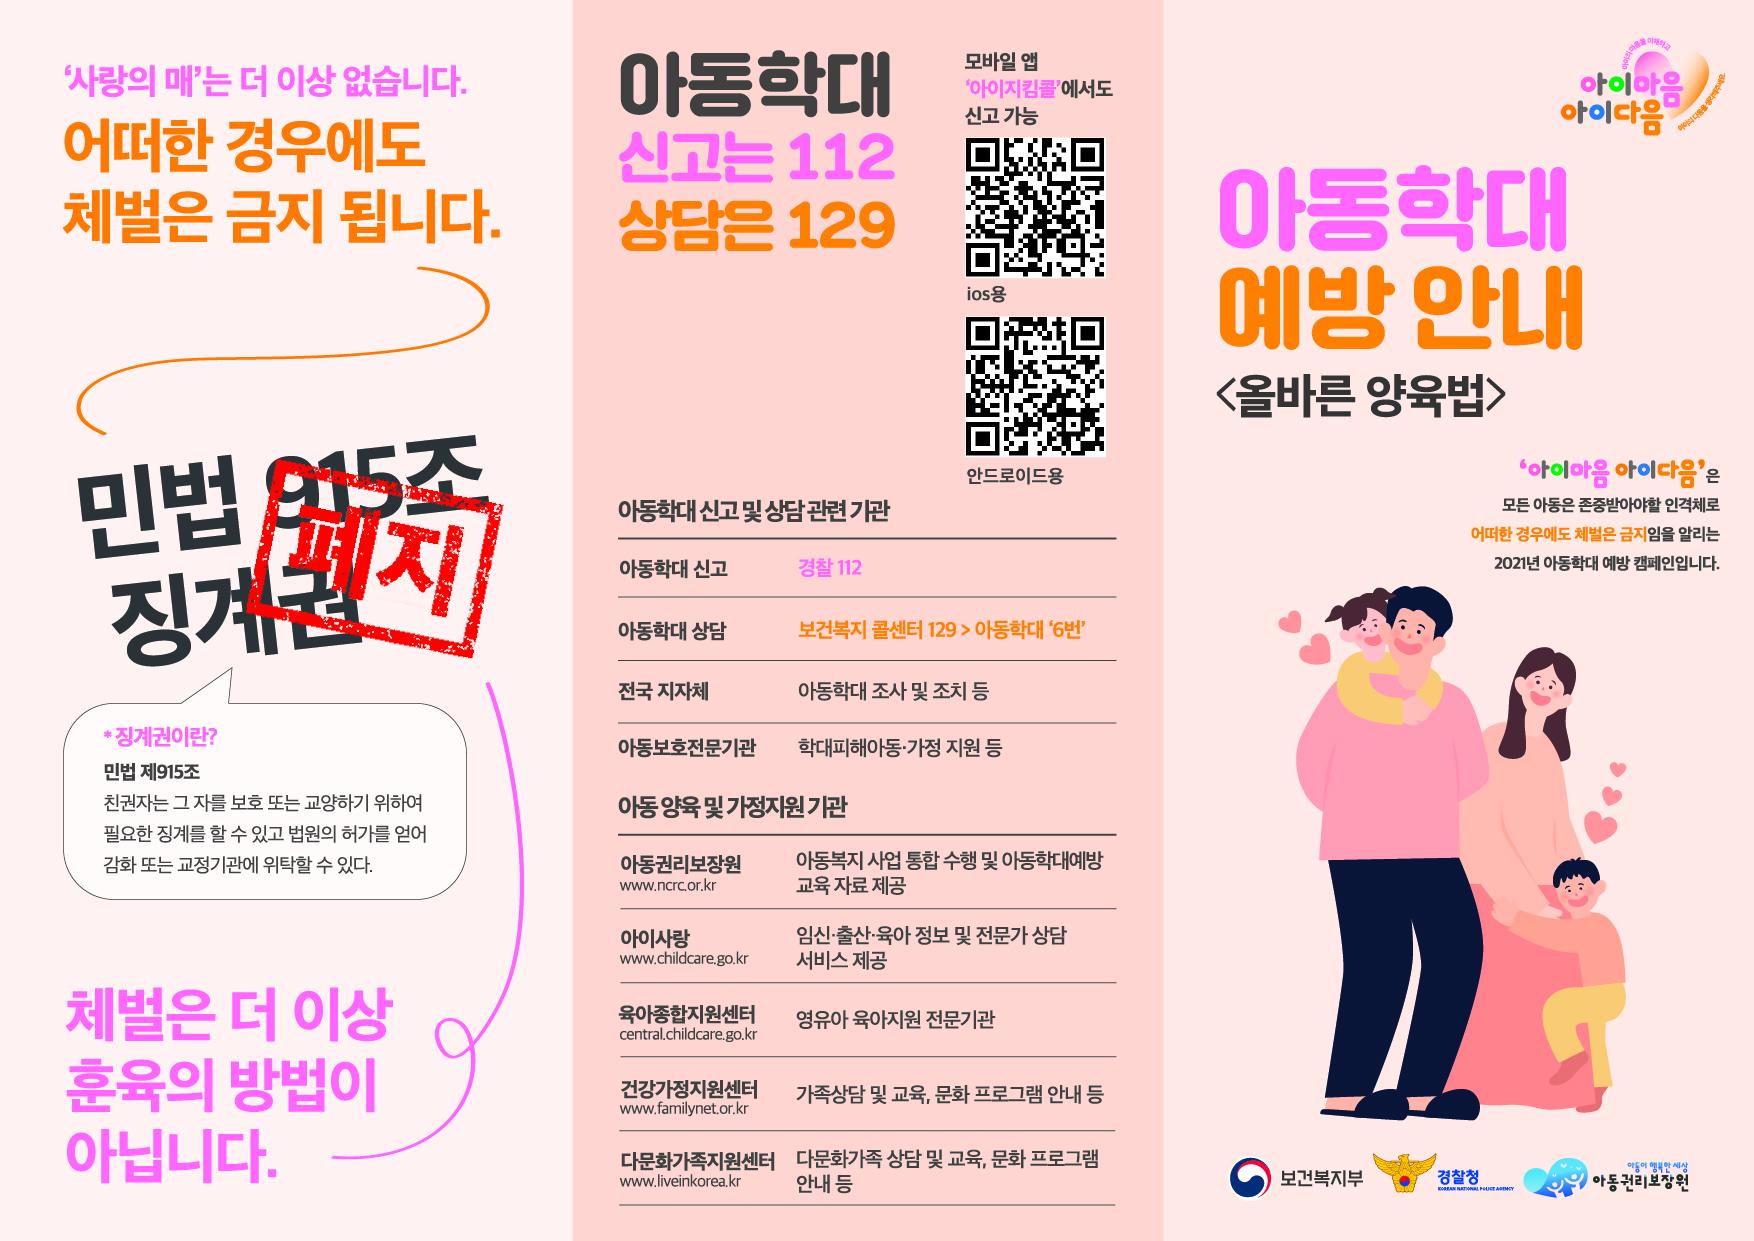 [일반] 2021년 제2차 아동학대 예방교육 및 대국민 홍보자료 안내의 첨부이미지 2